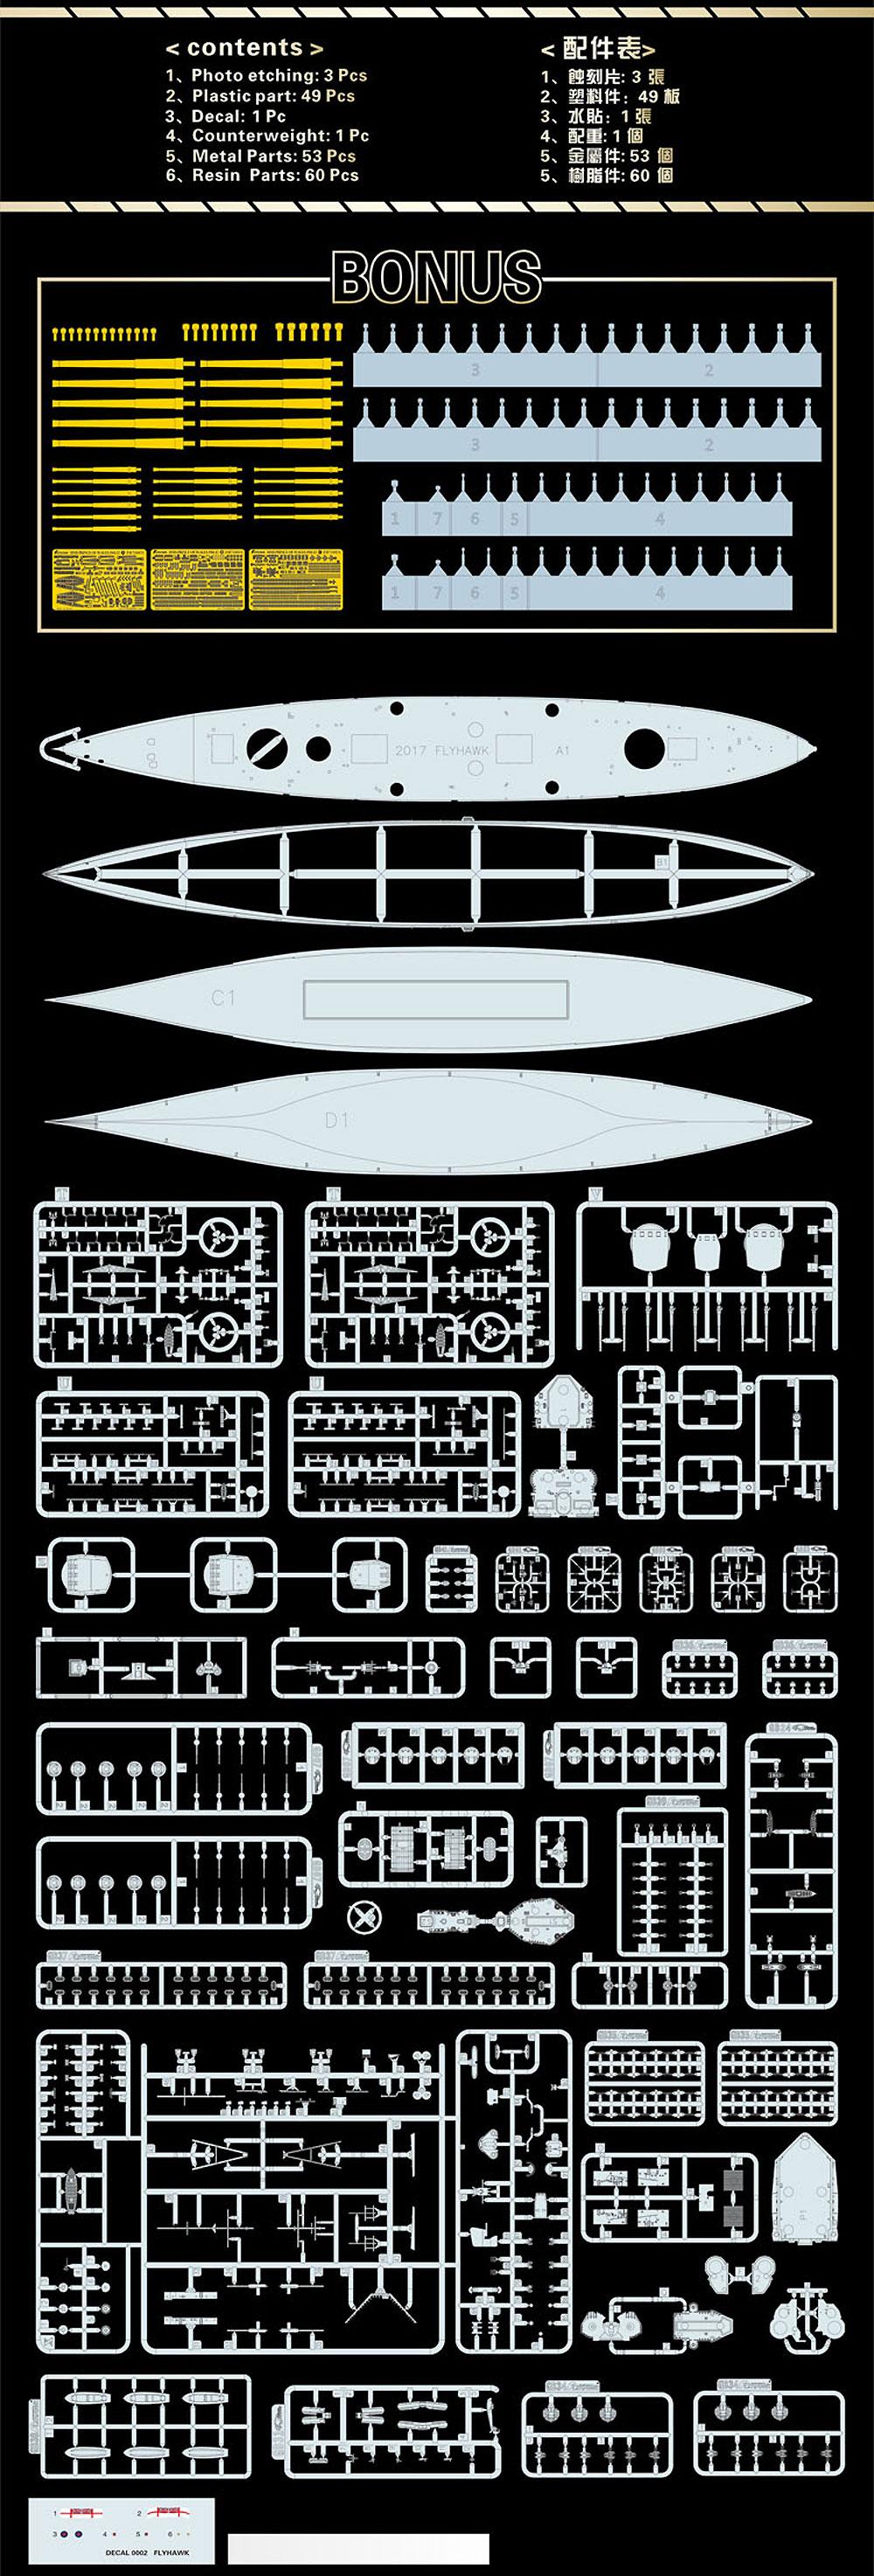 イギリス海軍 戦艦 プリンス オブ ウェールズ 1941年12月 限定版プラモデル(フライホーク1/700 艦船No.FH1117S)商品画像_1